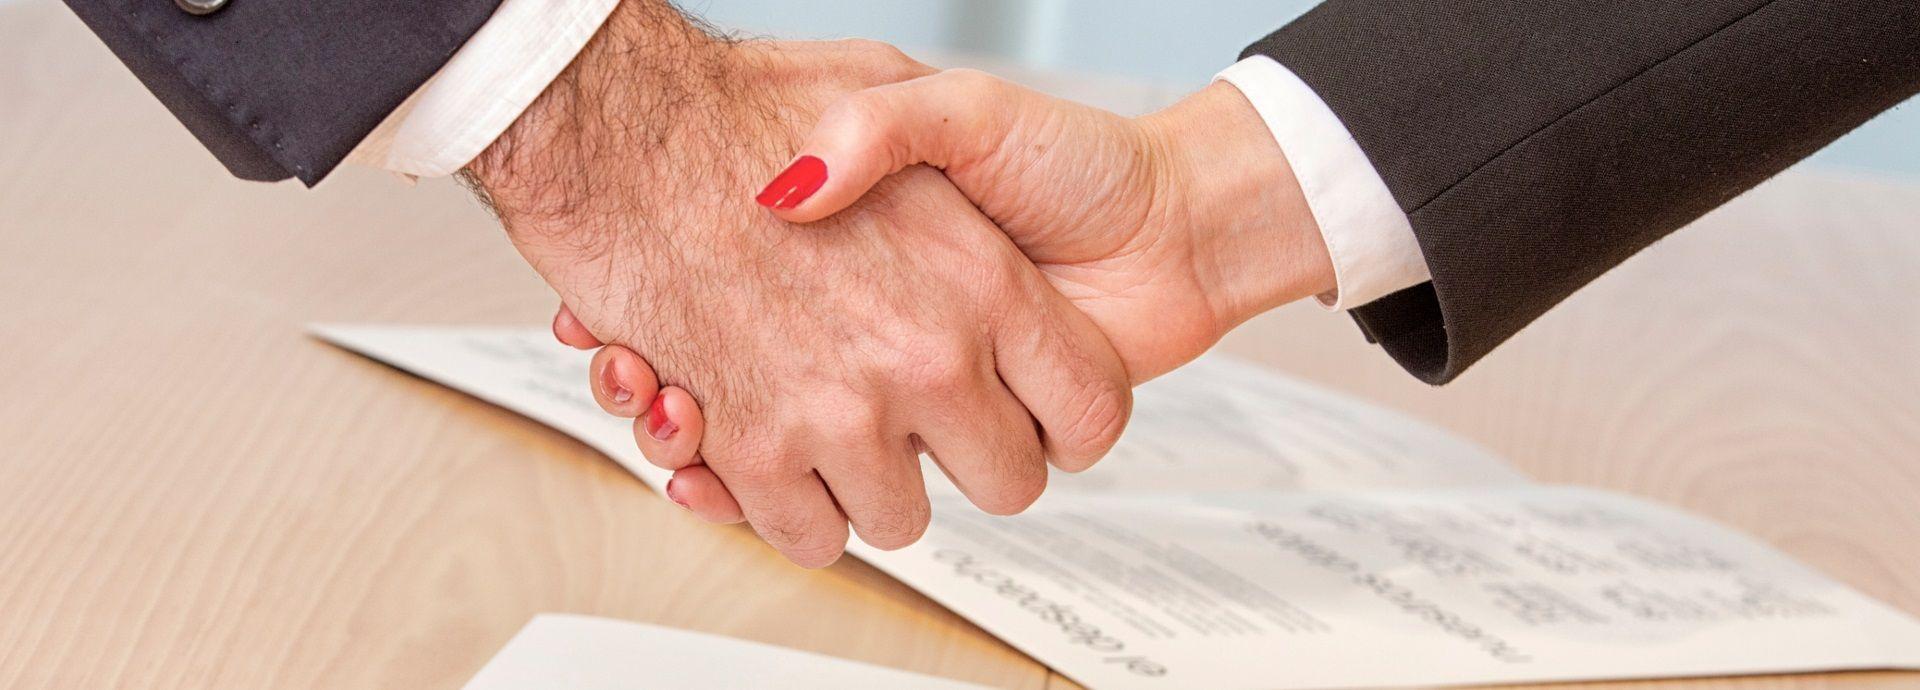 Compromiso y garantias Abogados Coruña